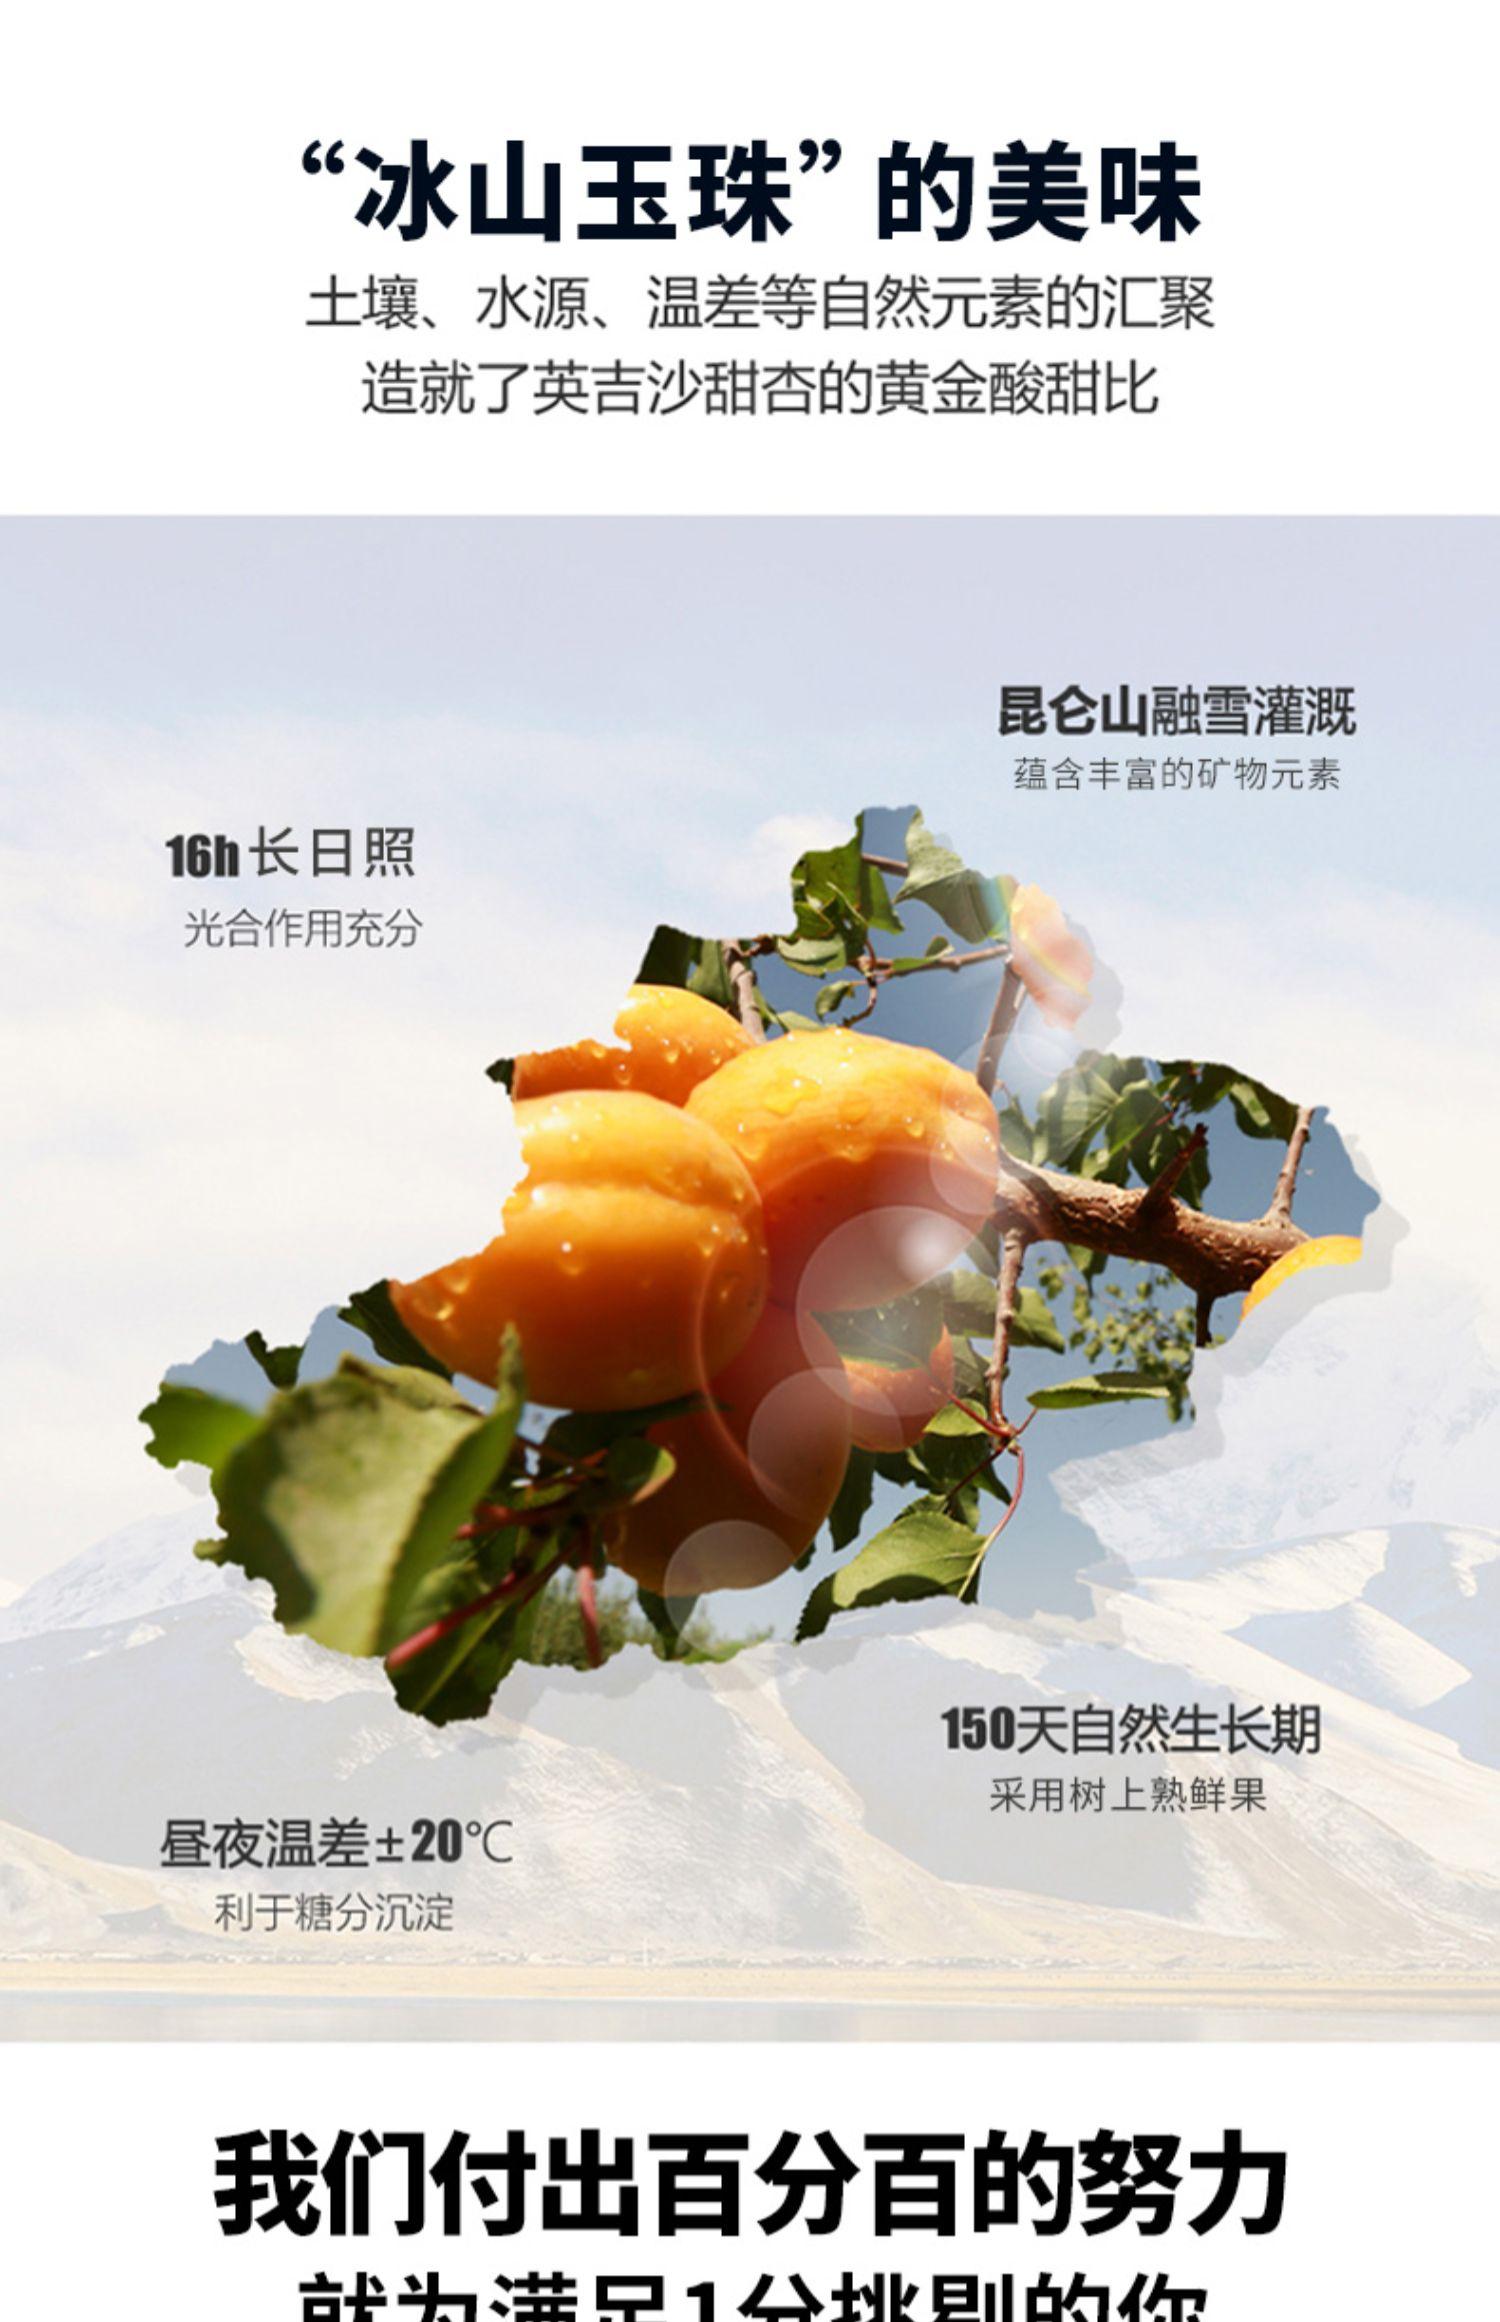 【李佳琦推荐小小的我】独立包装新疆甜杏肉